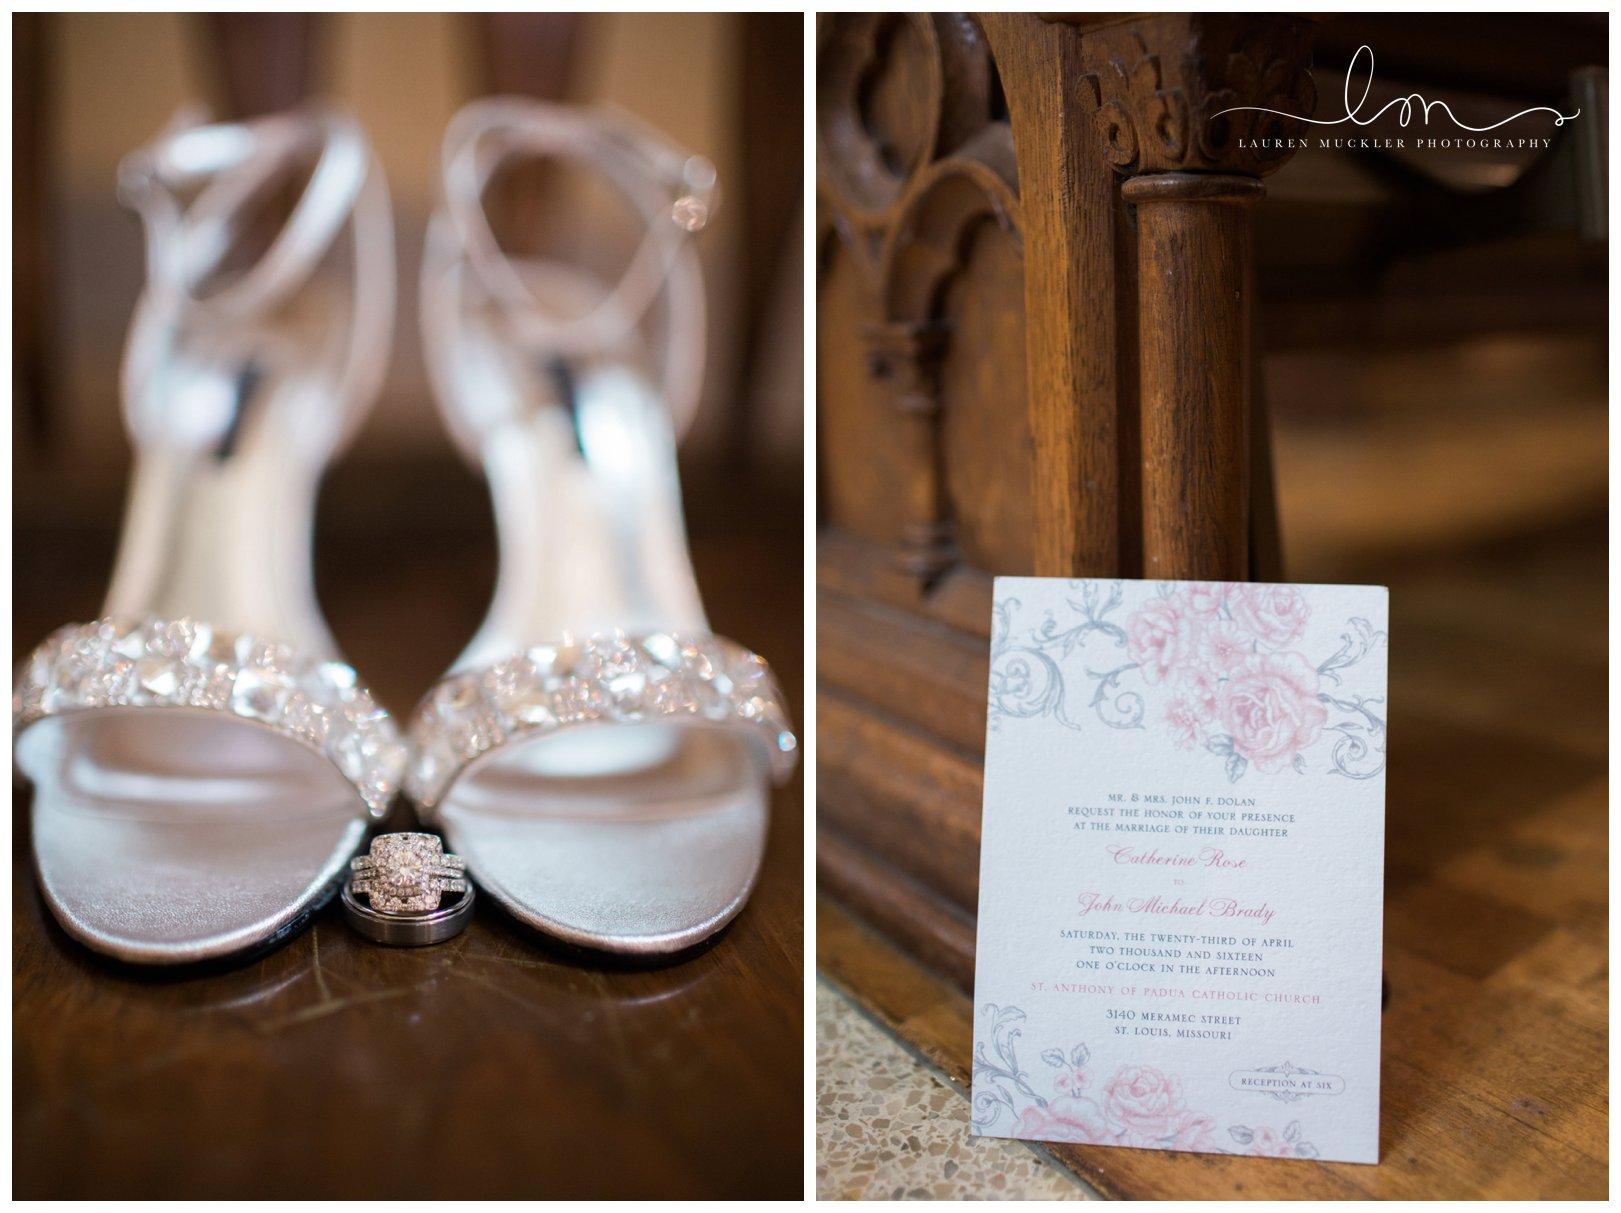 lauren muckler photography_fine art film wedding photography_st louis_photography_0119.jpg